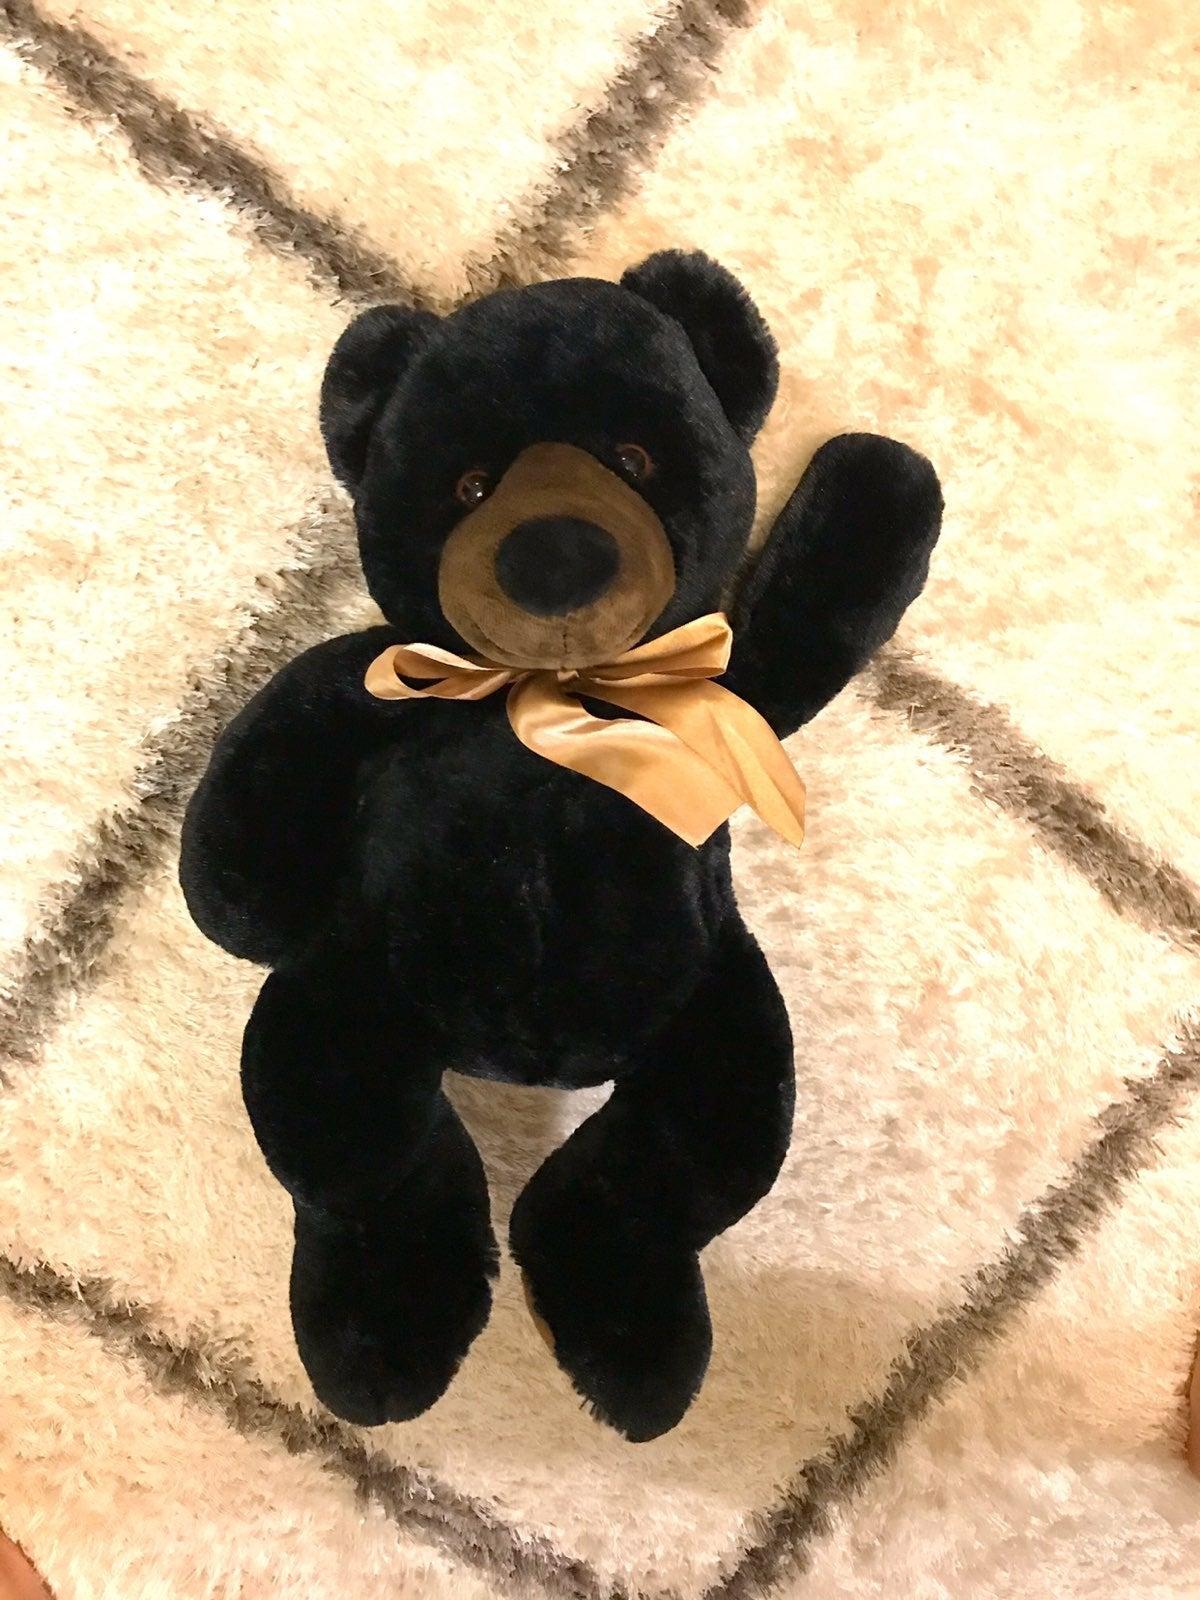 Teddy bear like new